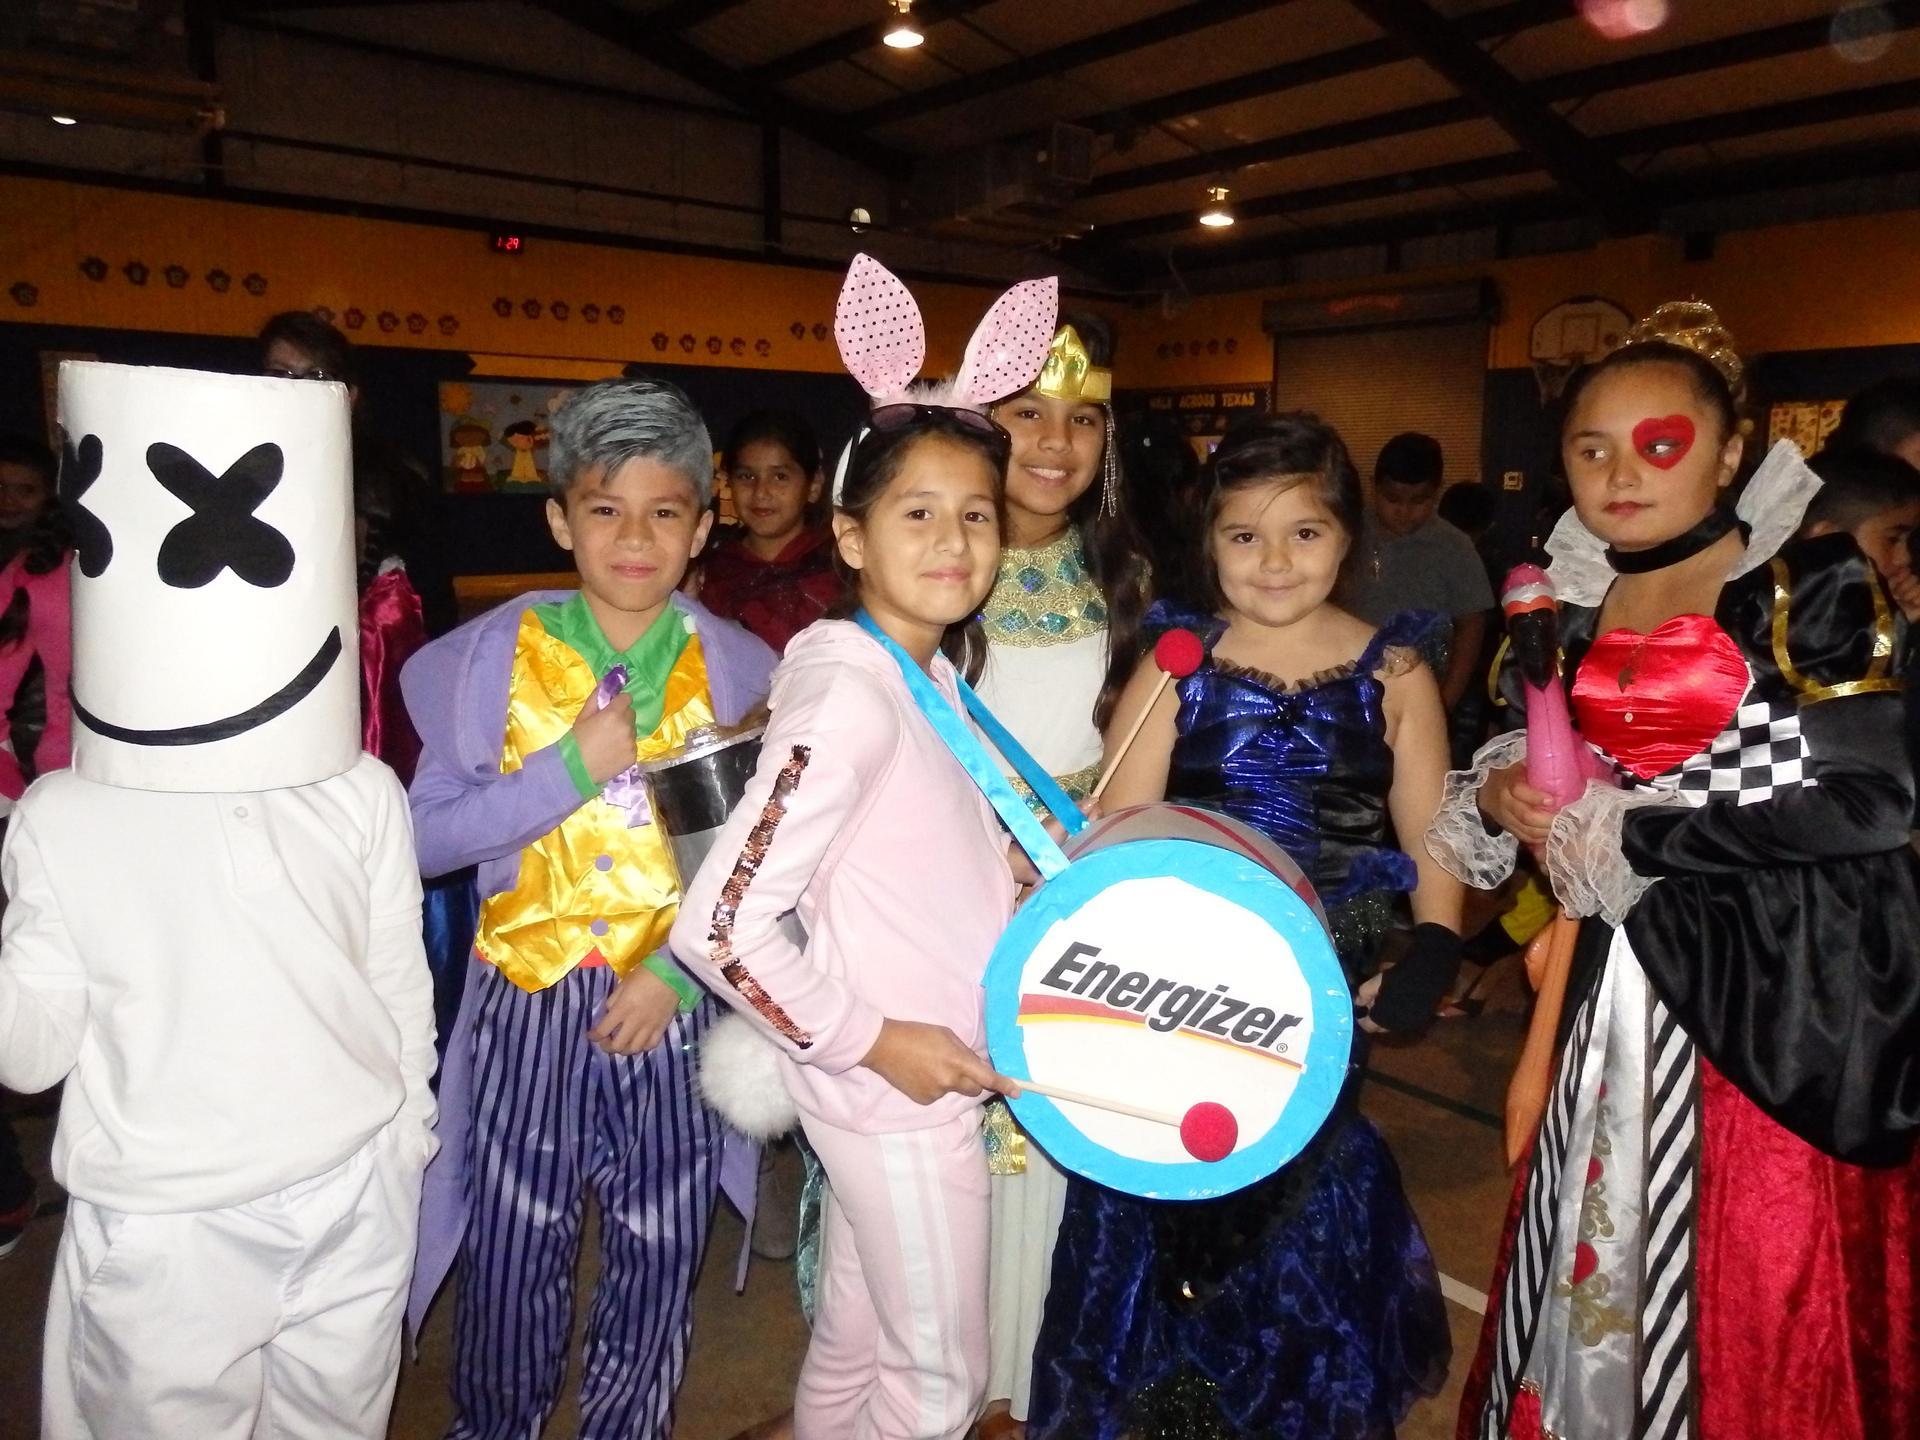 Guerra students in Halloween costumes